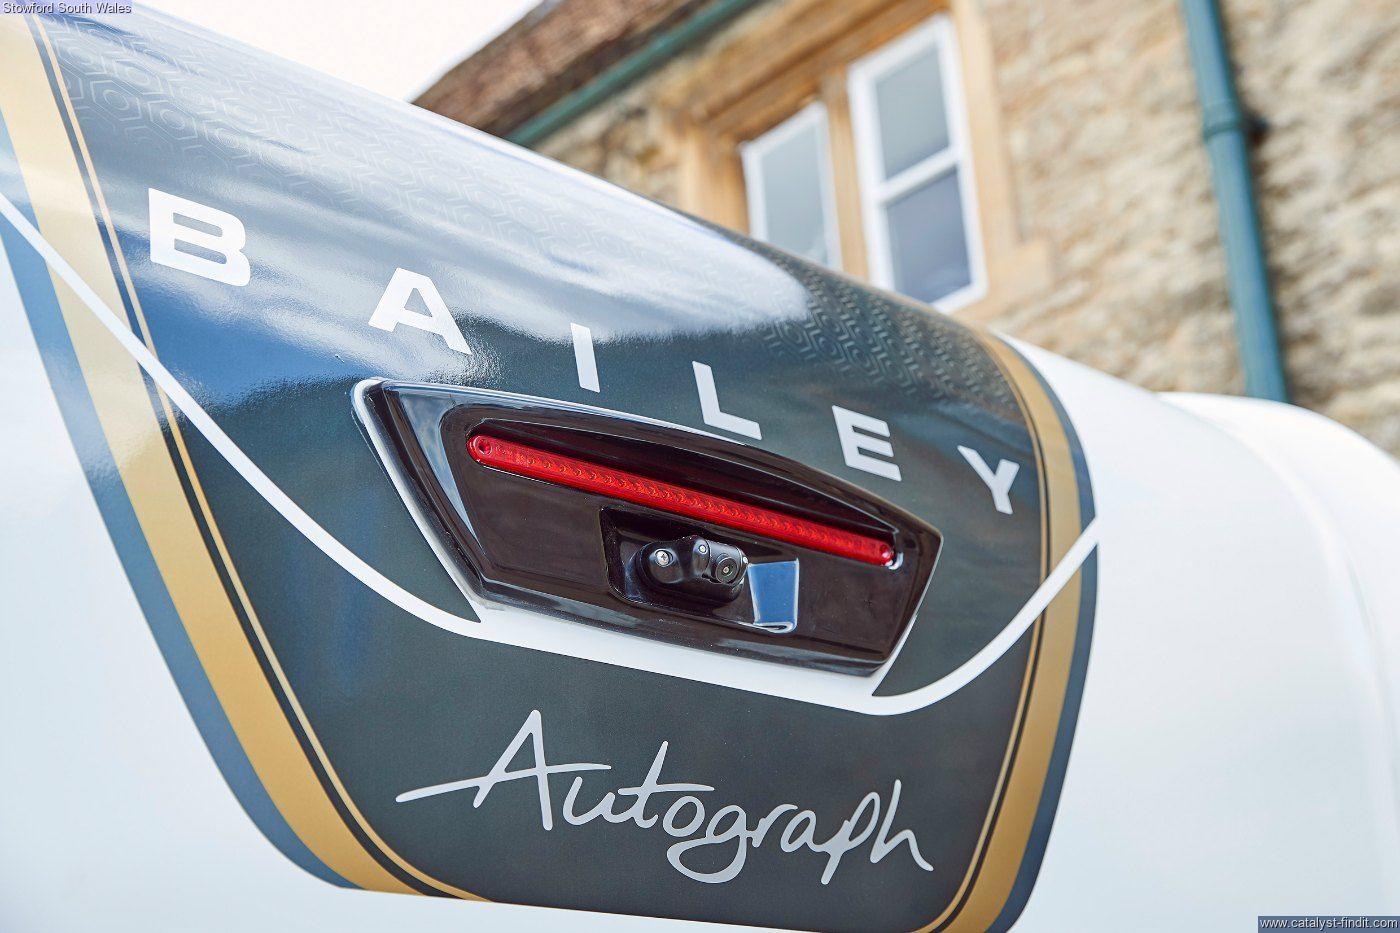 Bailey Autograph III 74-2 2022